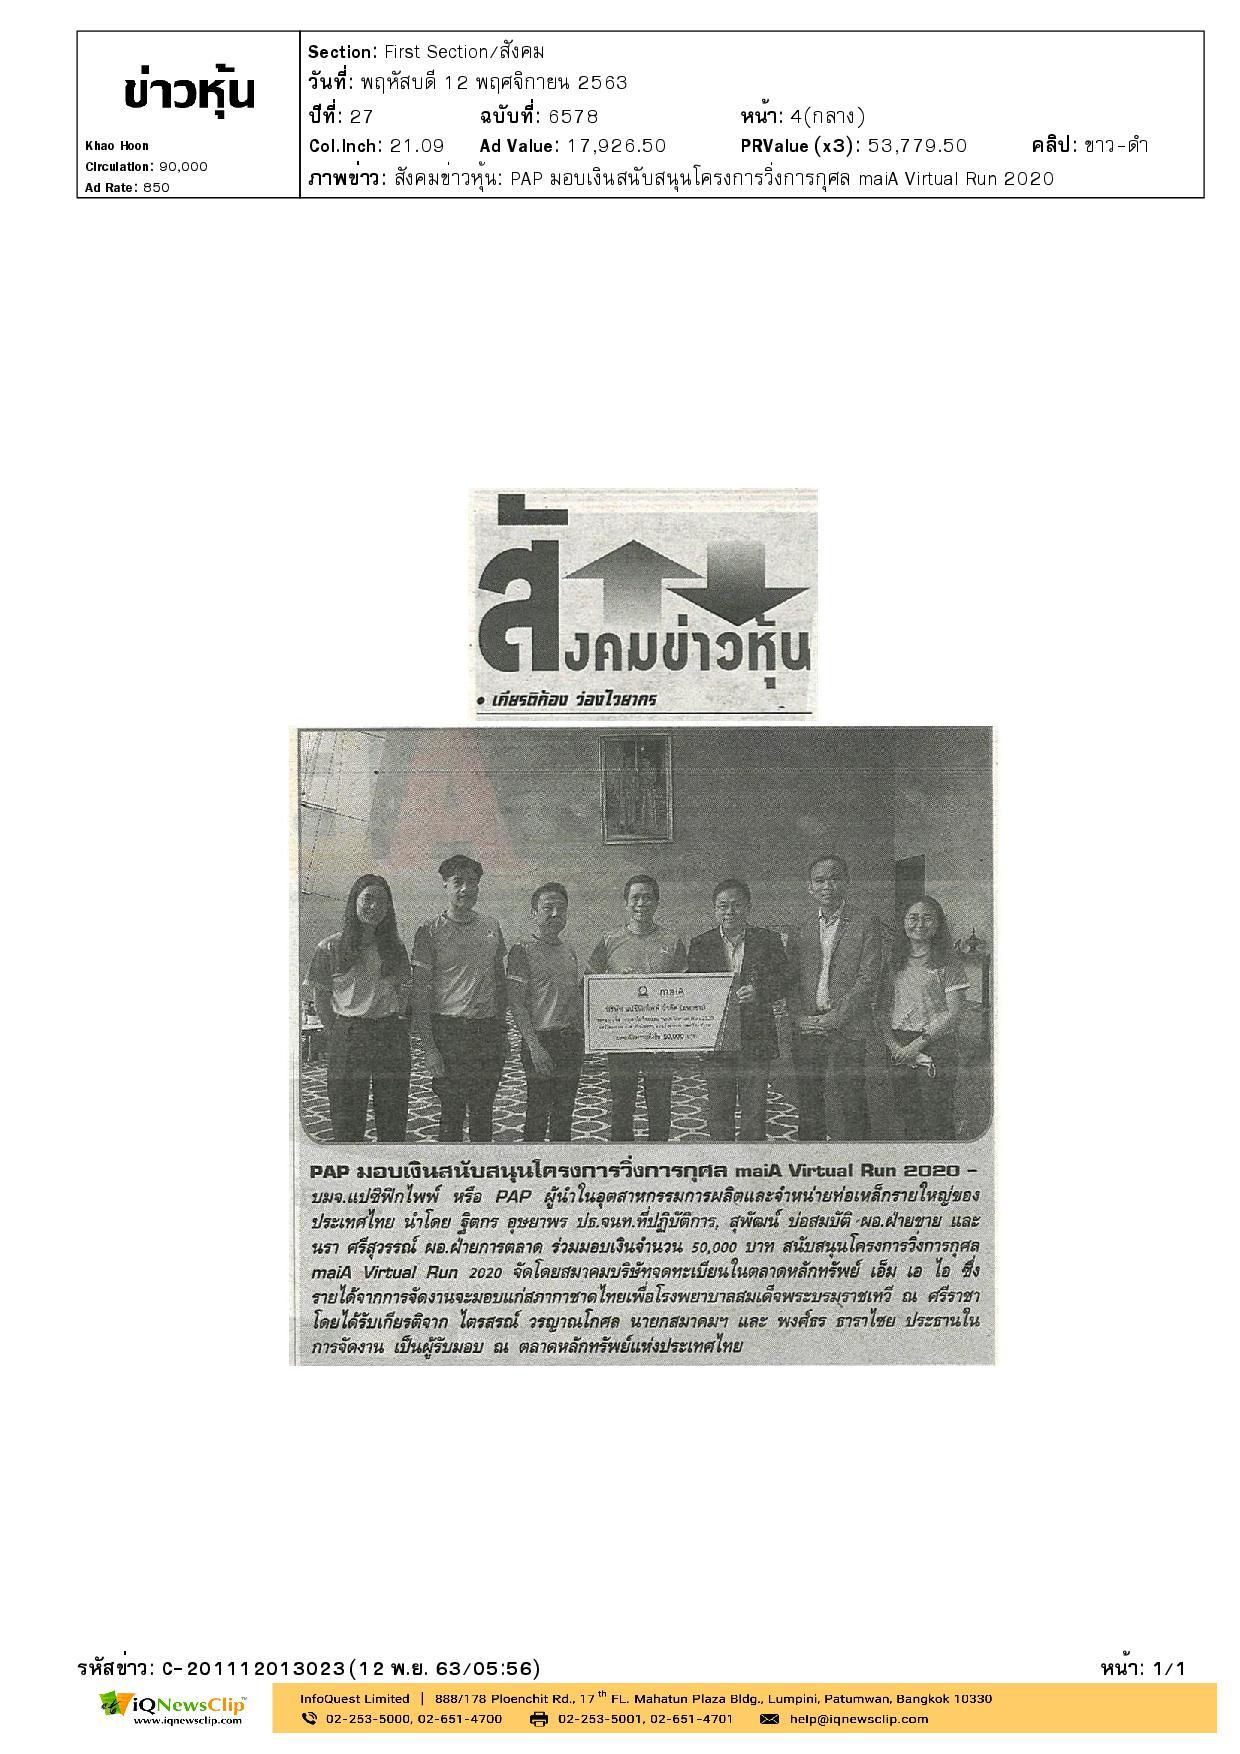 มอบเงินสนับสนุนโครงการวิ่งการกุศล รายได้จากการจัดงานมอบให้ รพ.สมเด็จฯ